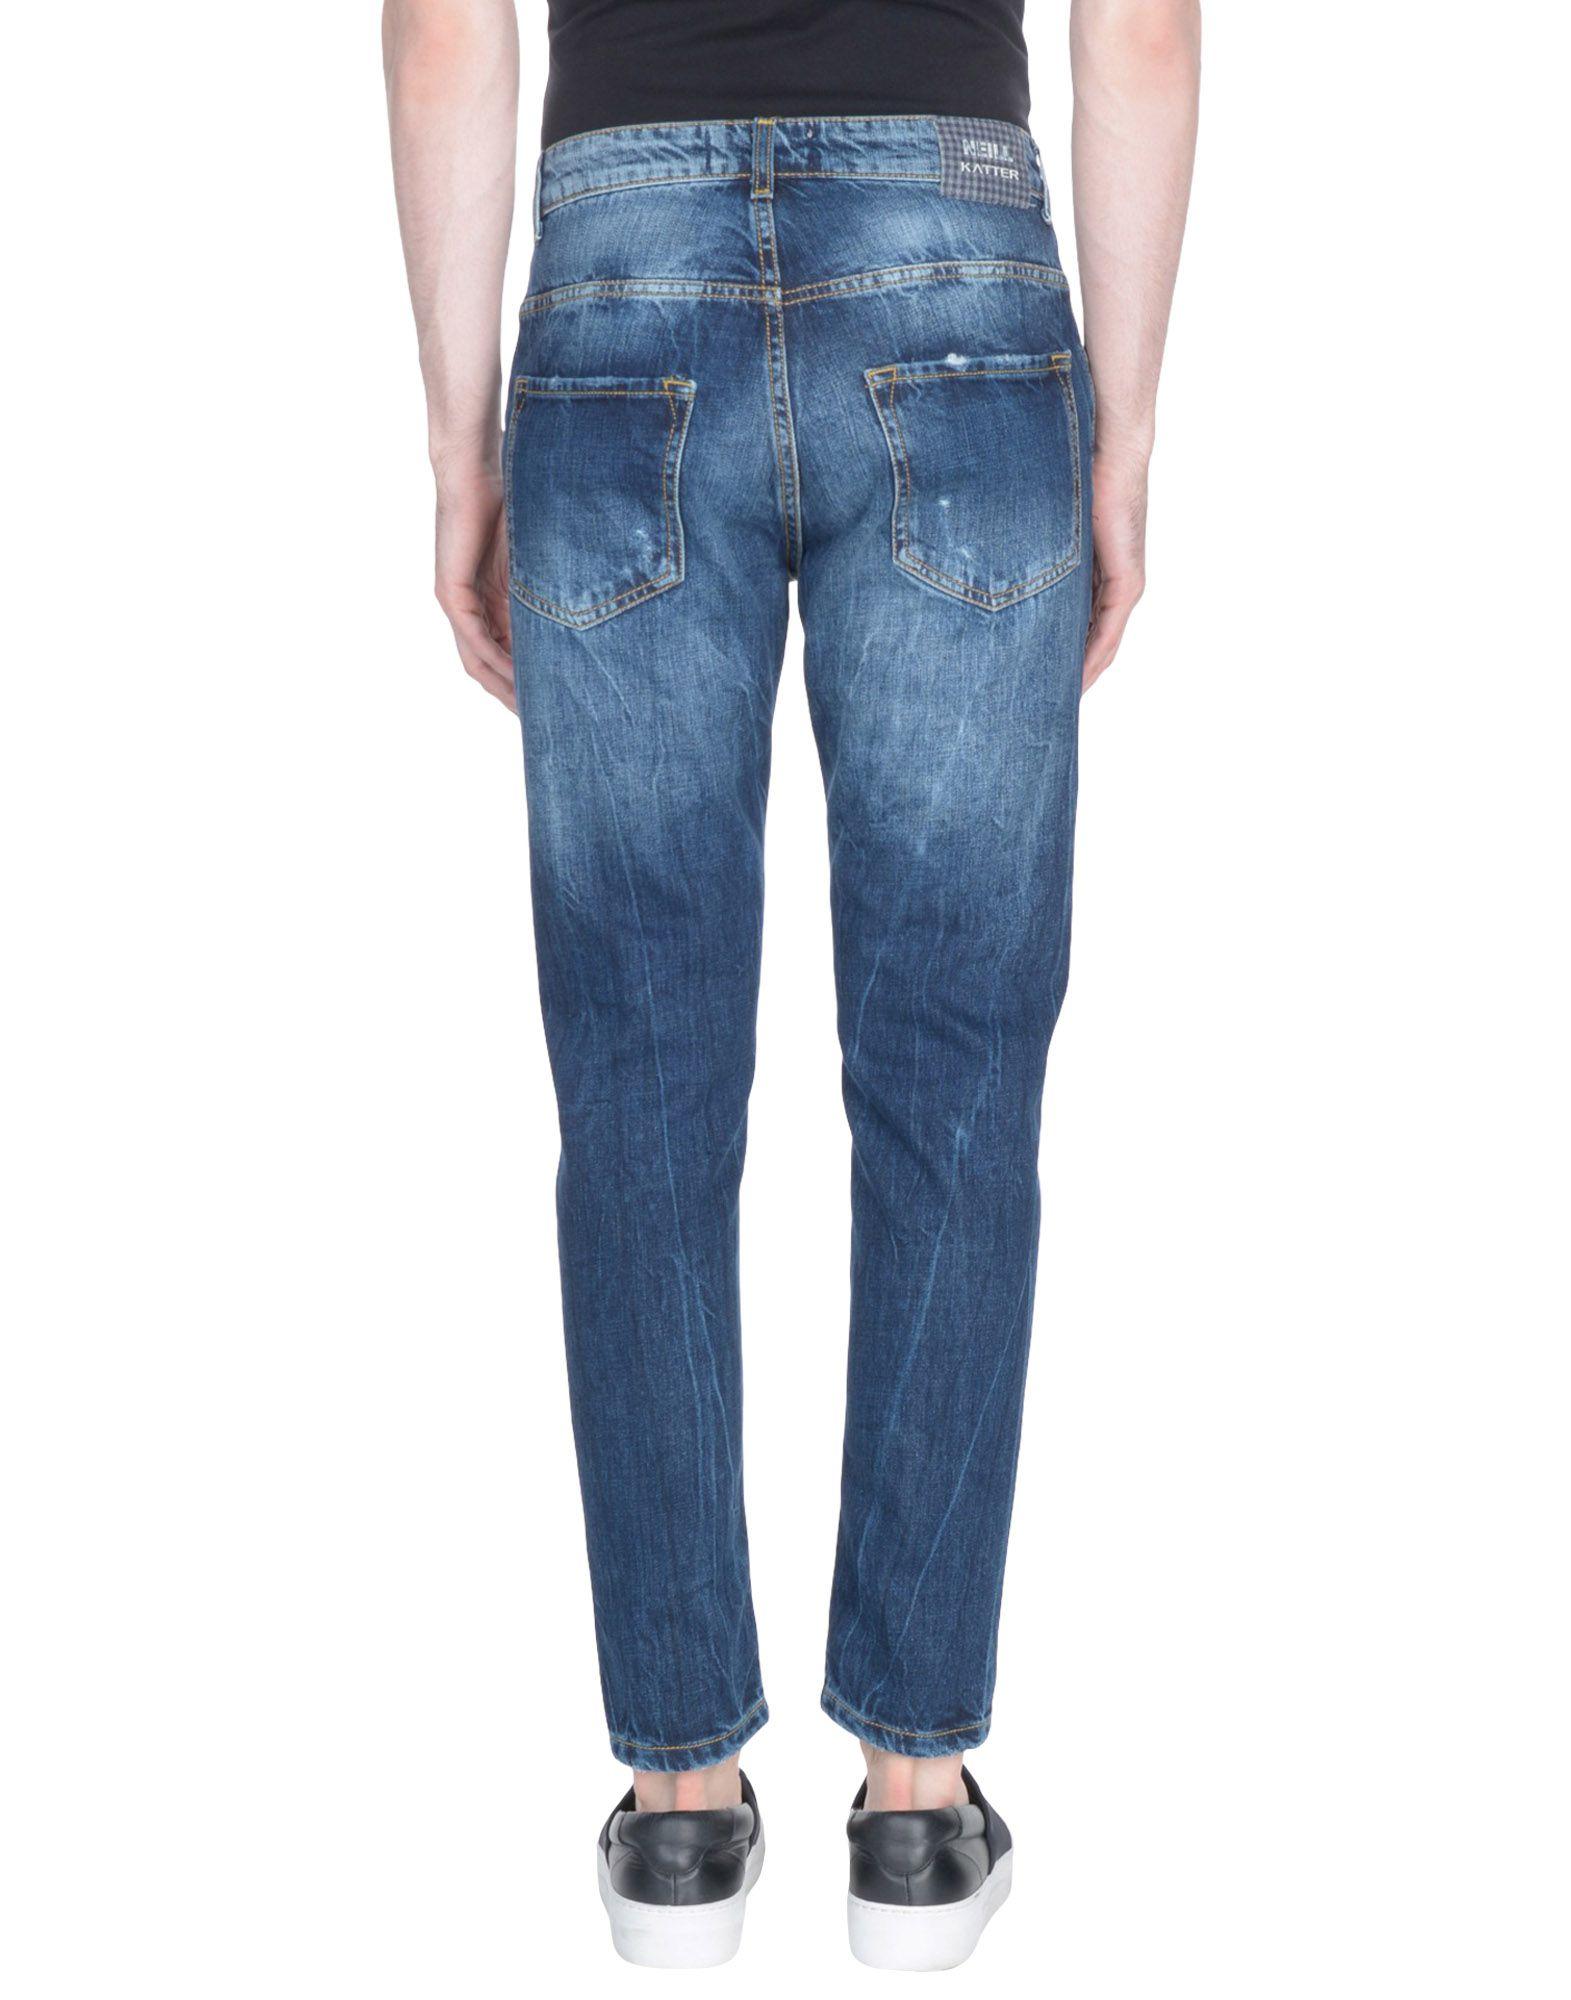 Pantaloni Jeans Jeans Jeans Neill Katter Uomo - 42673910NN 28e9d5